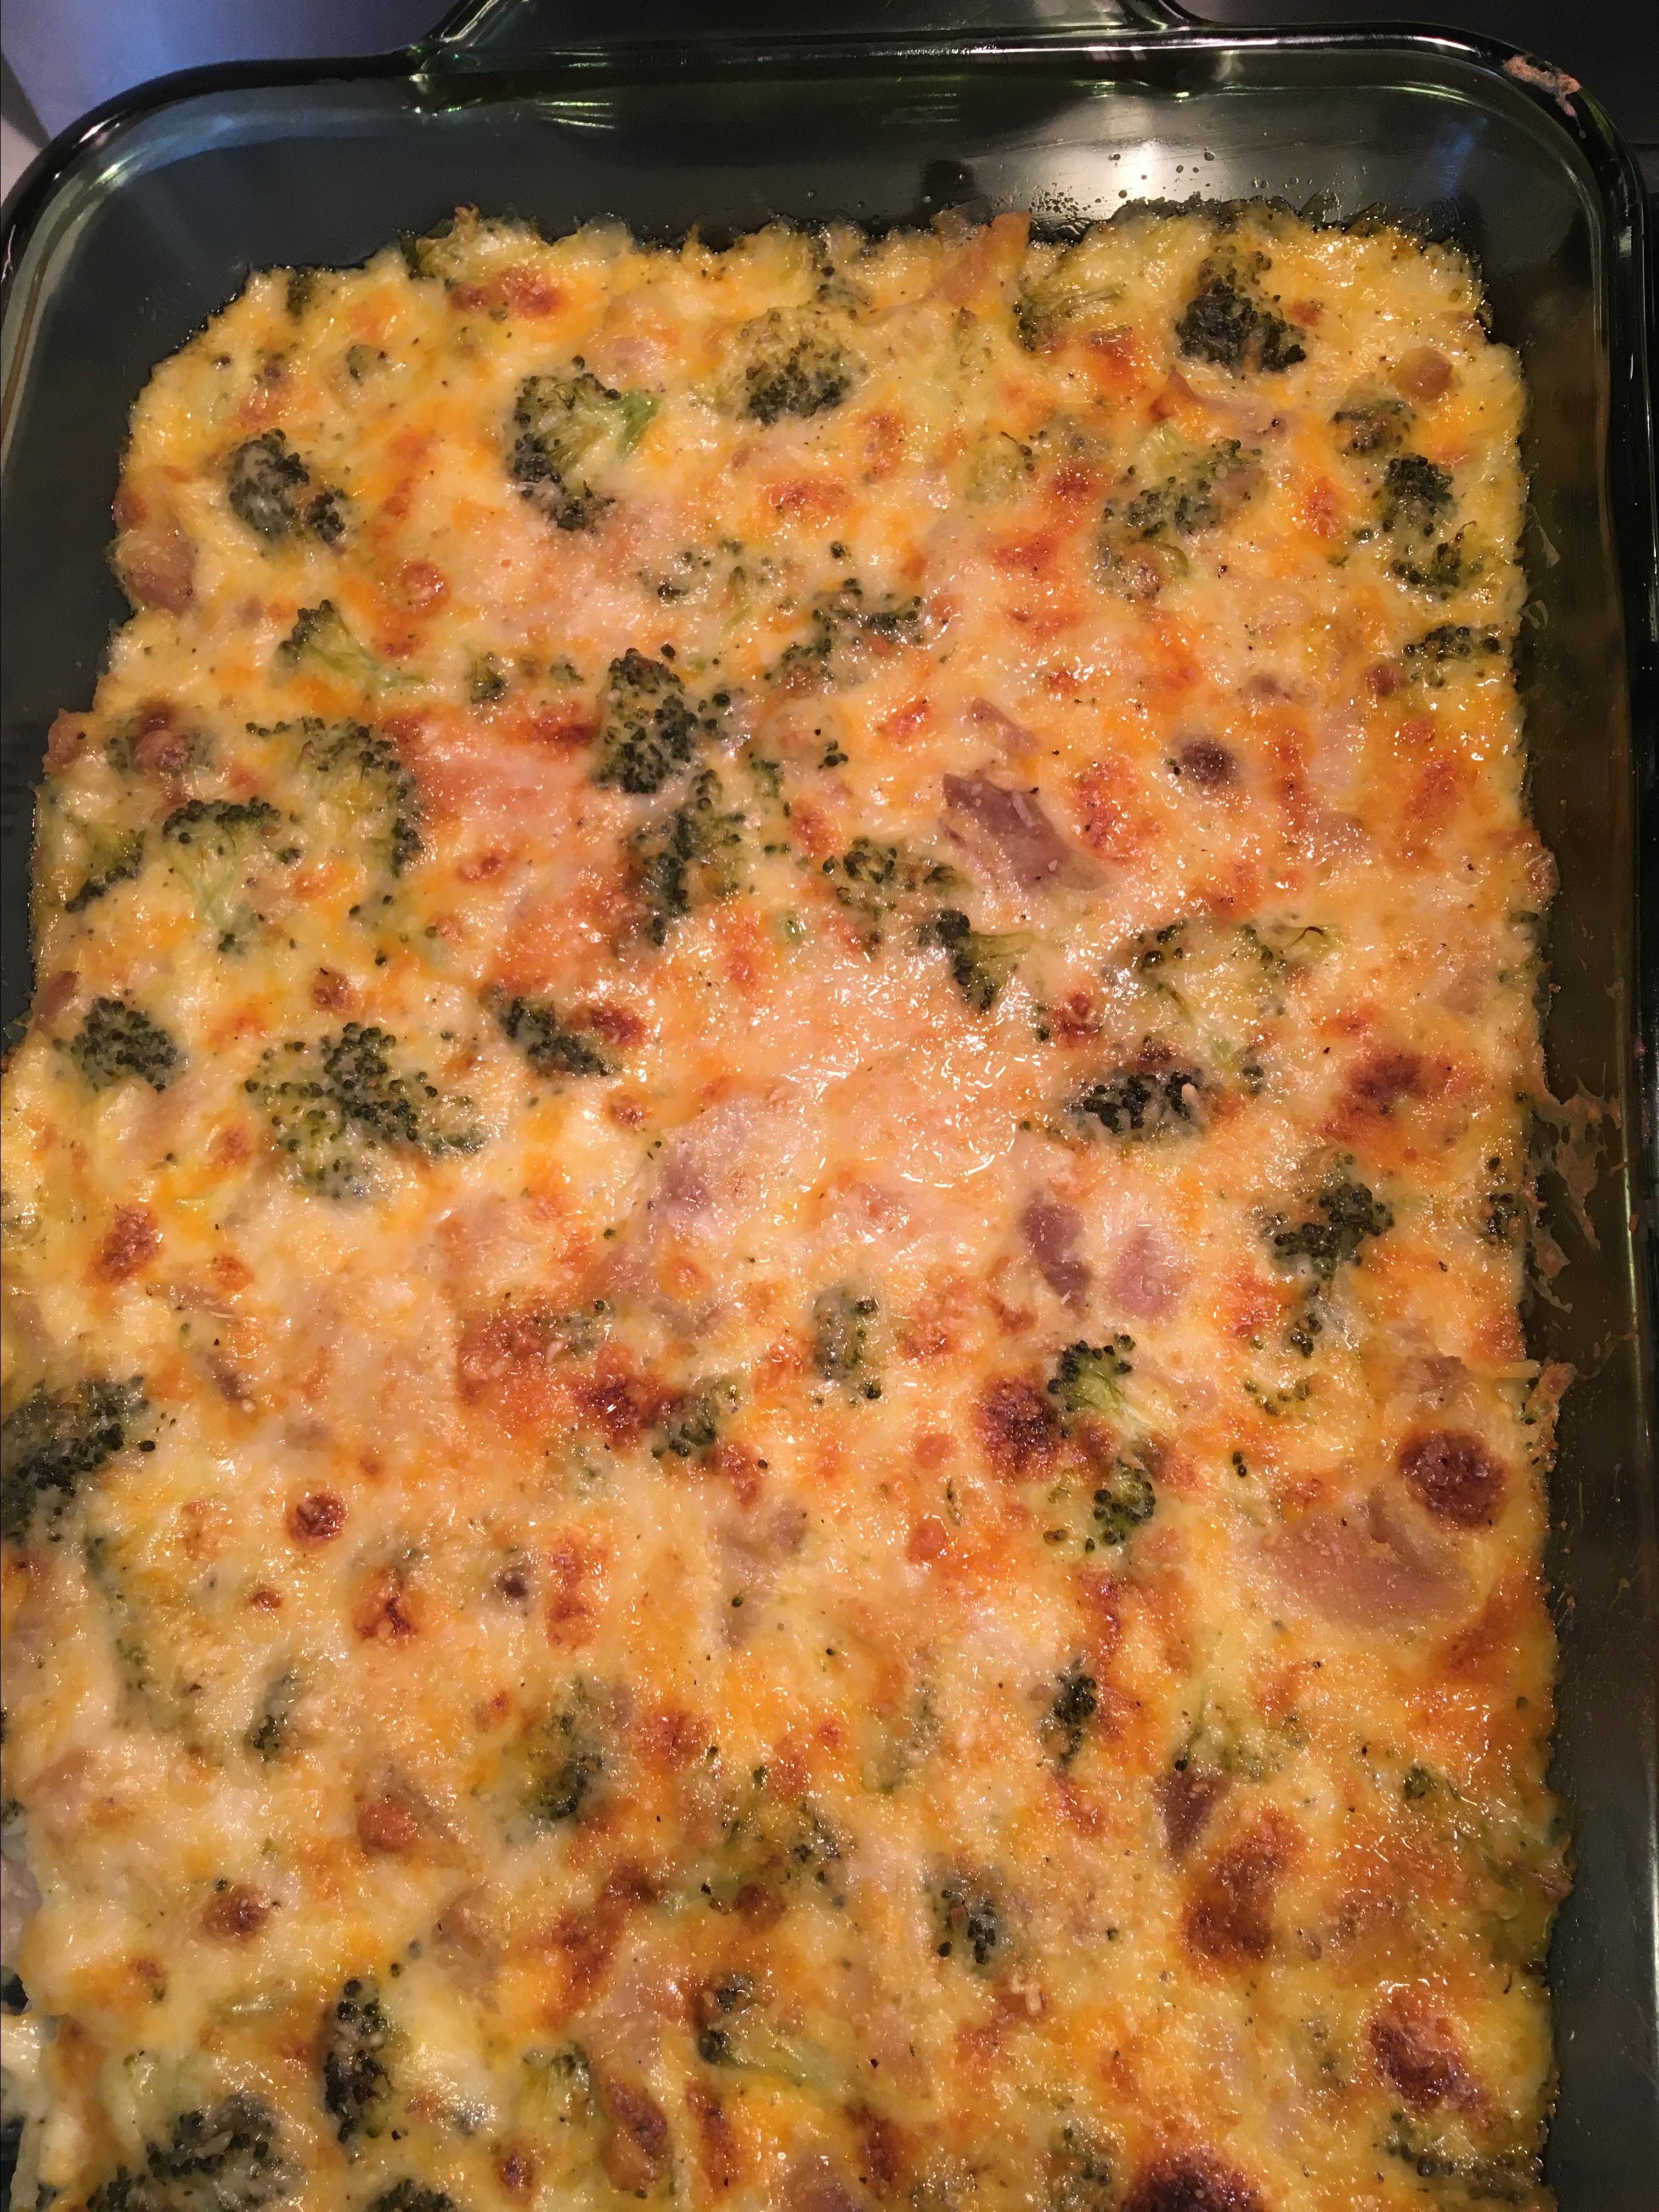 Cheesy Chicken and Broccoli Casserole image